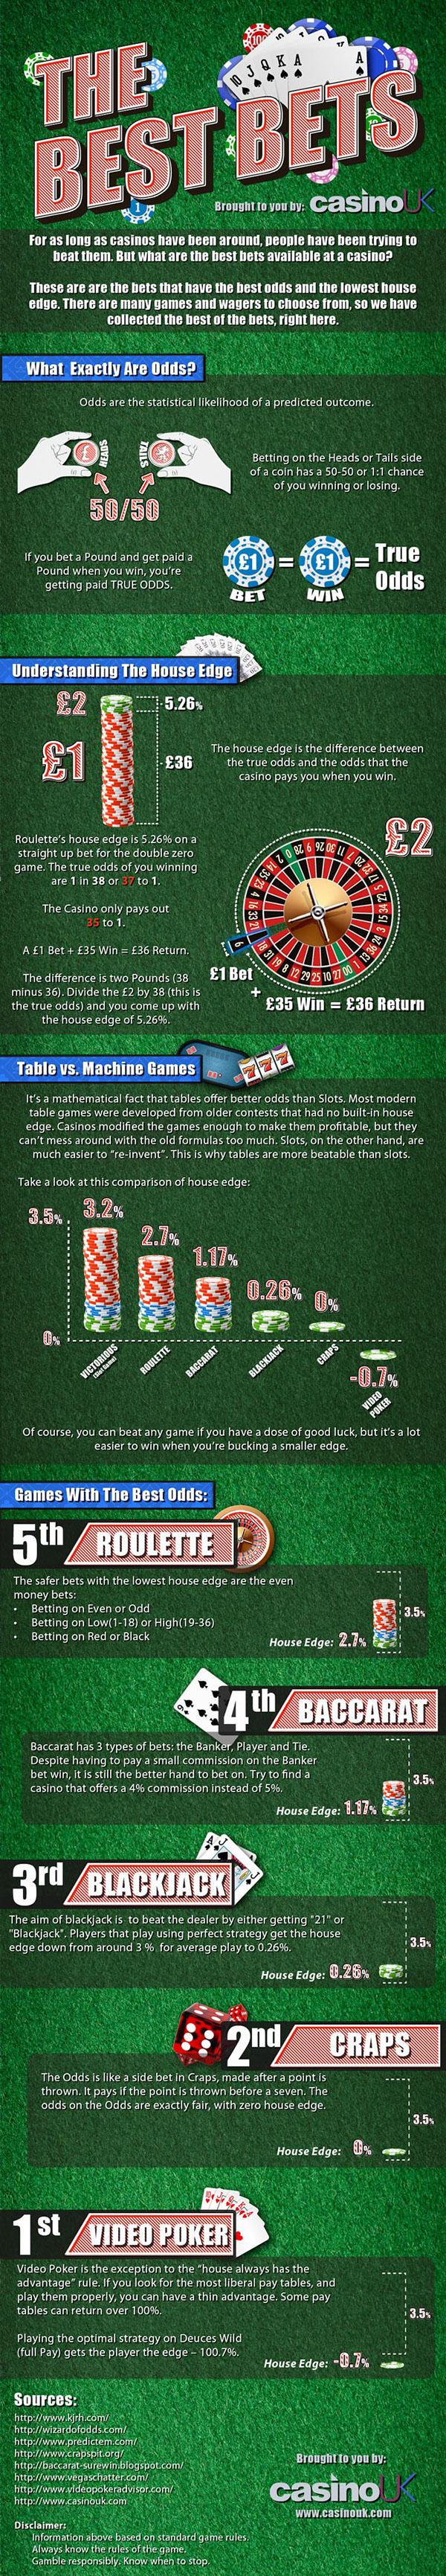 Understanding gambling odds casino rama concert tickerts